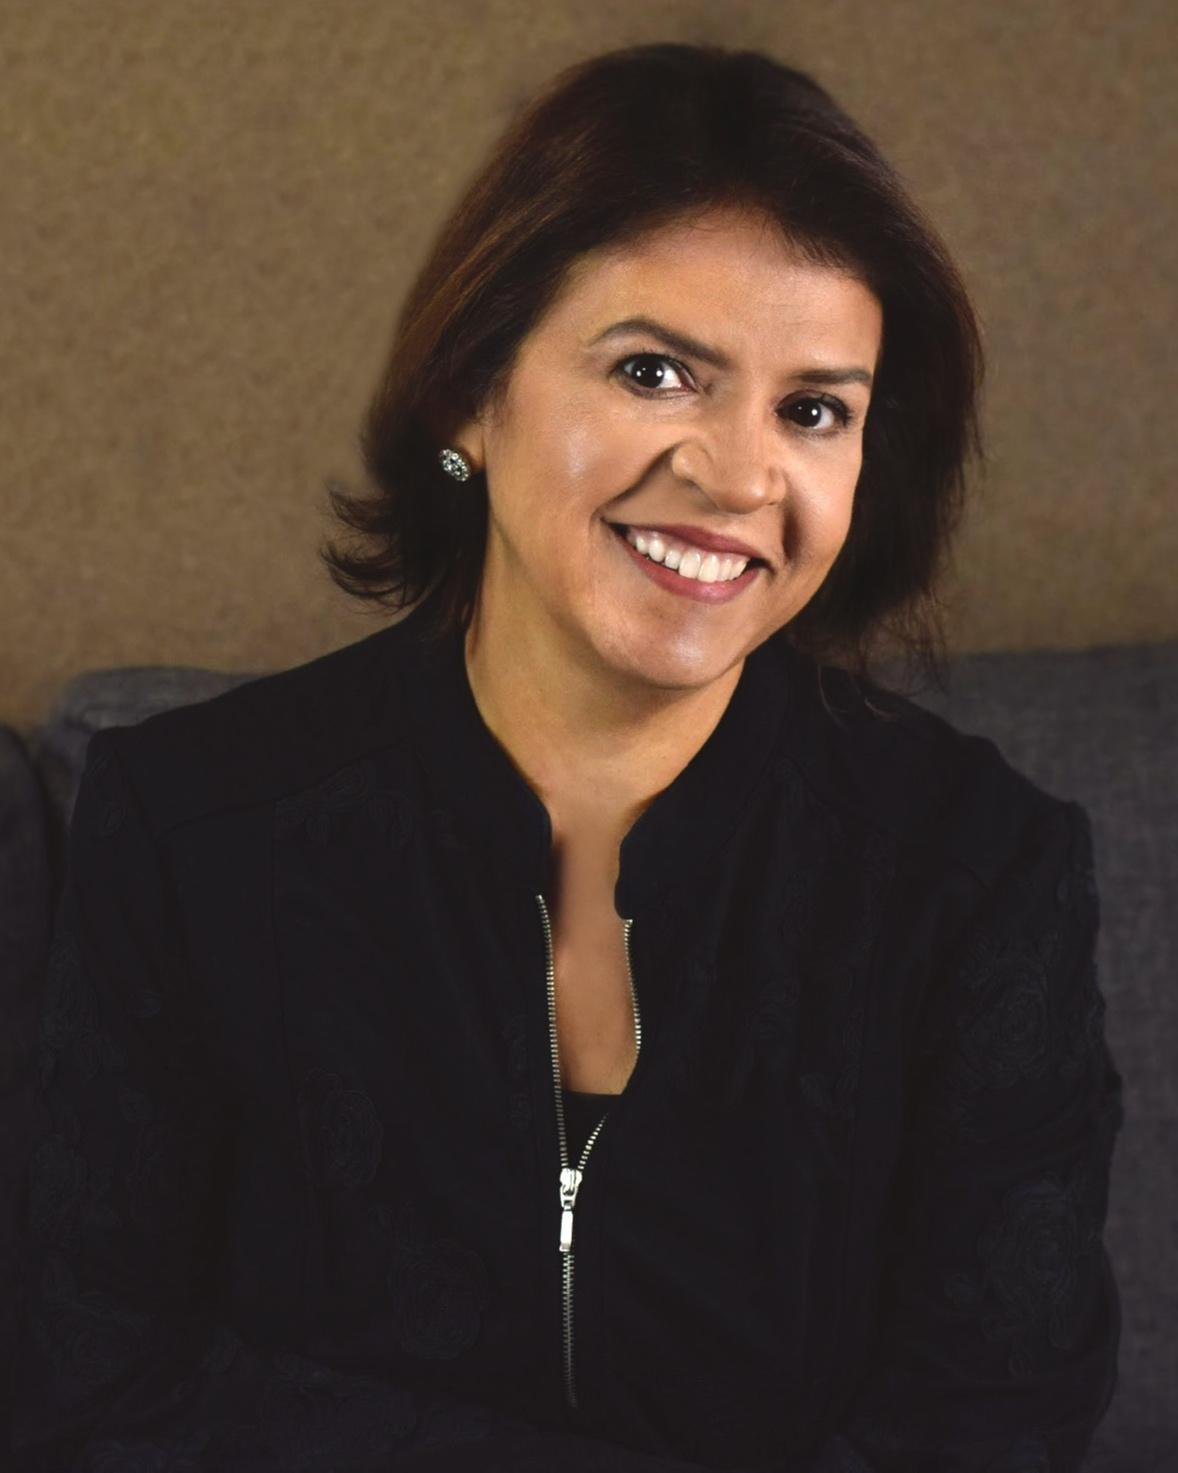 Elaine-social-media.jpg